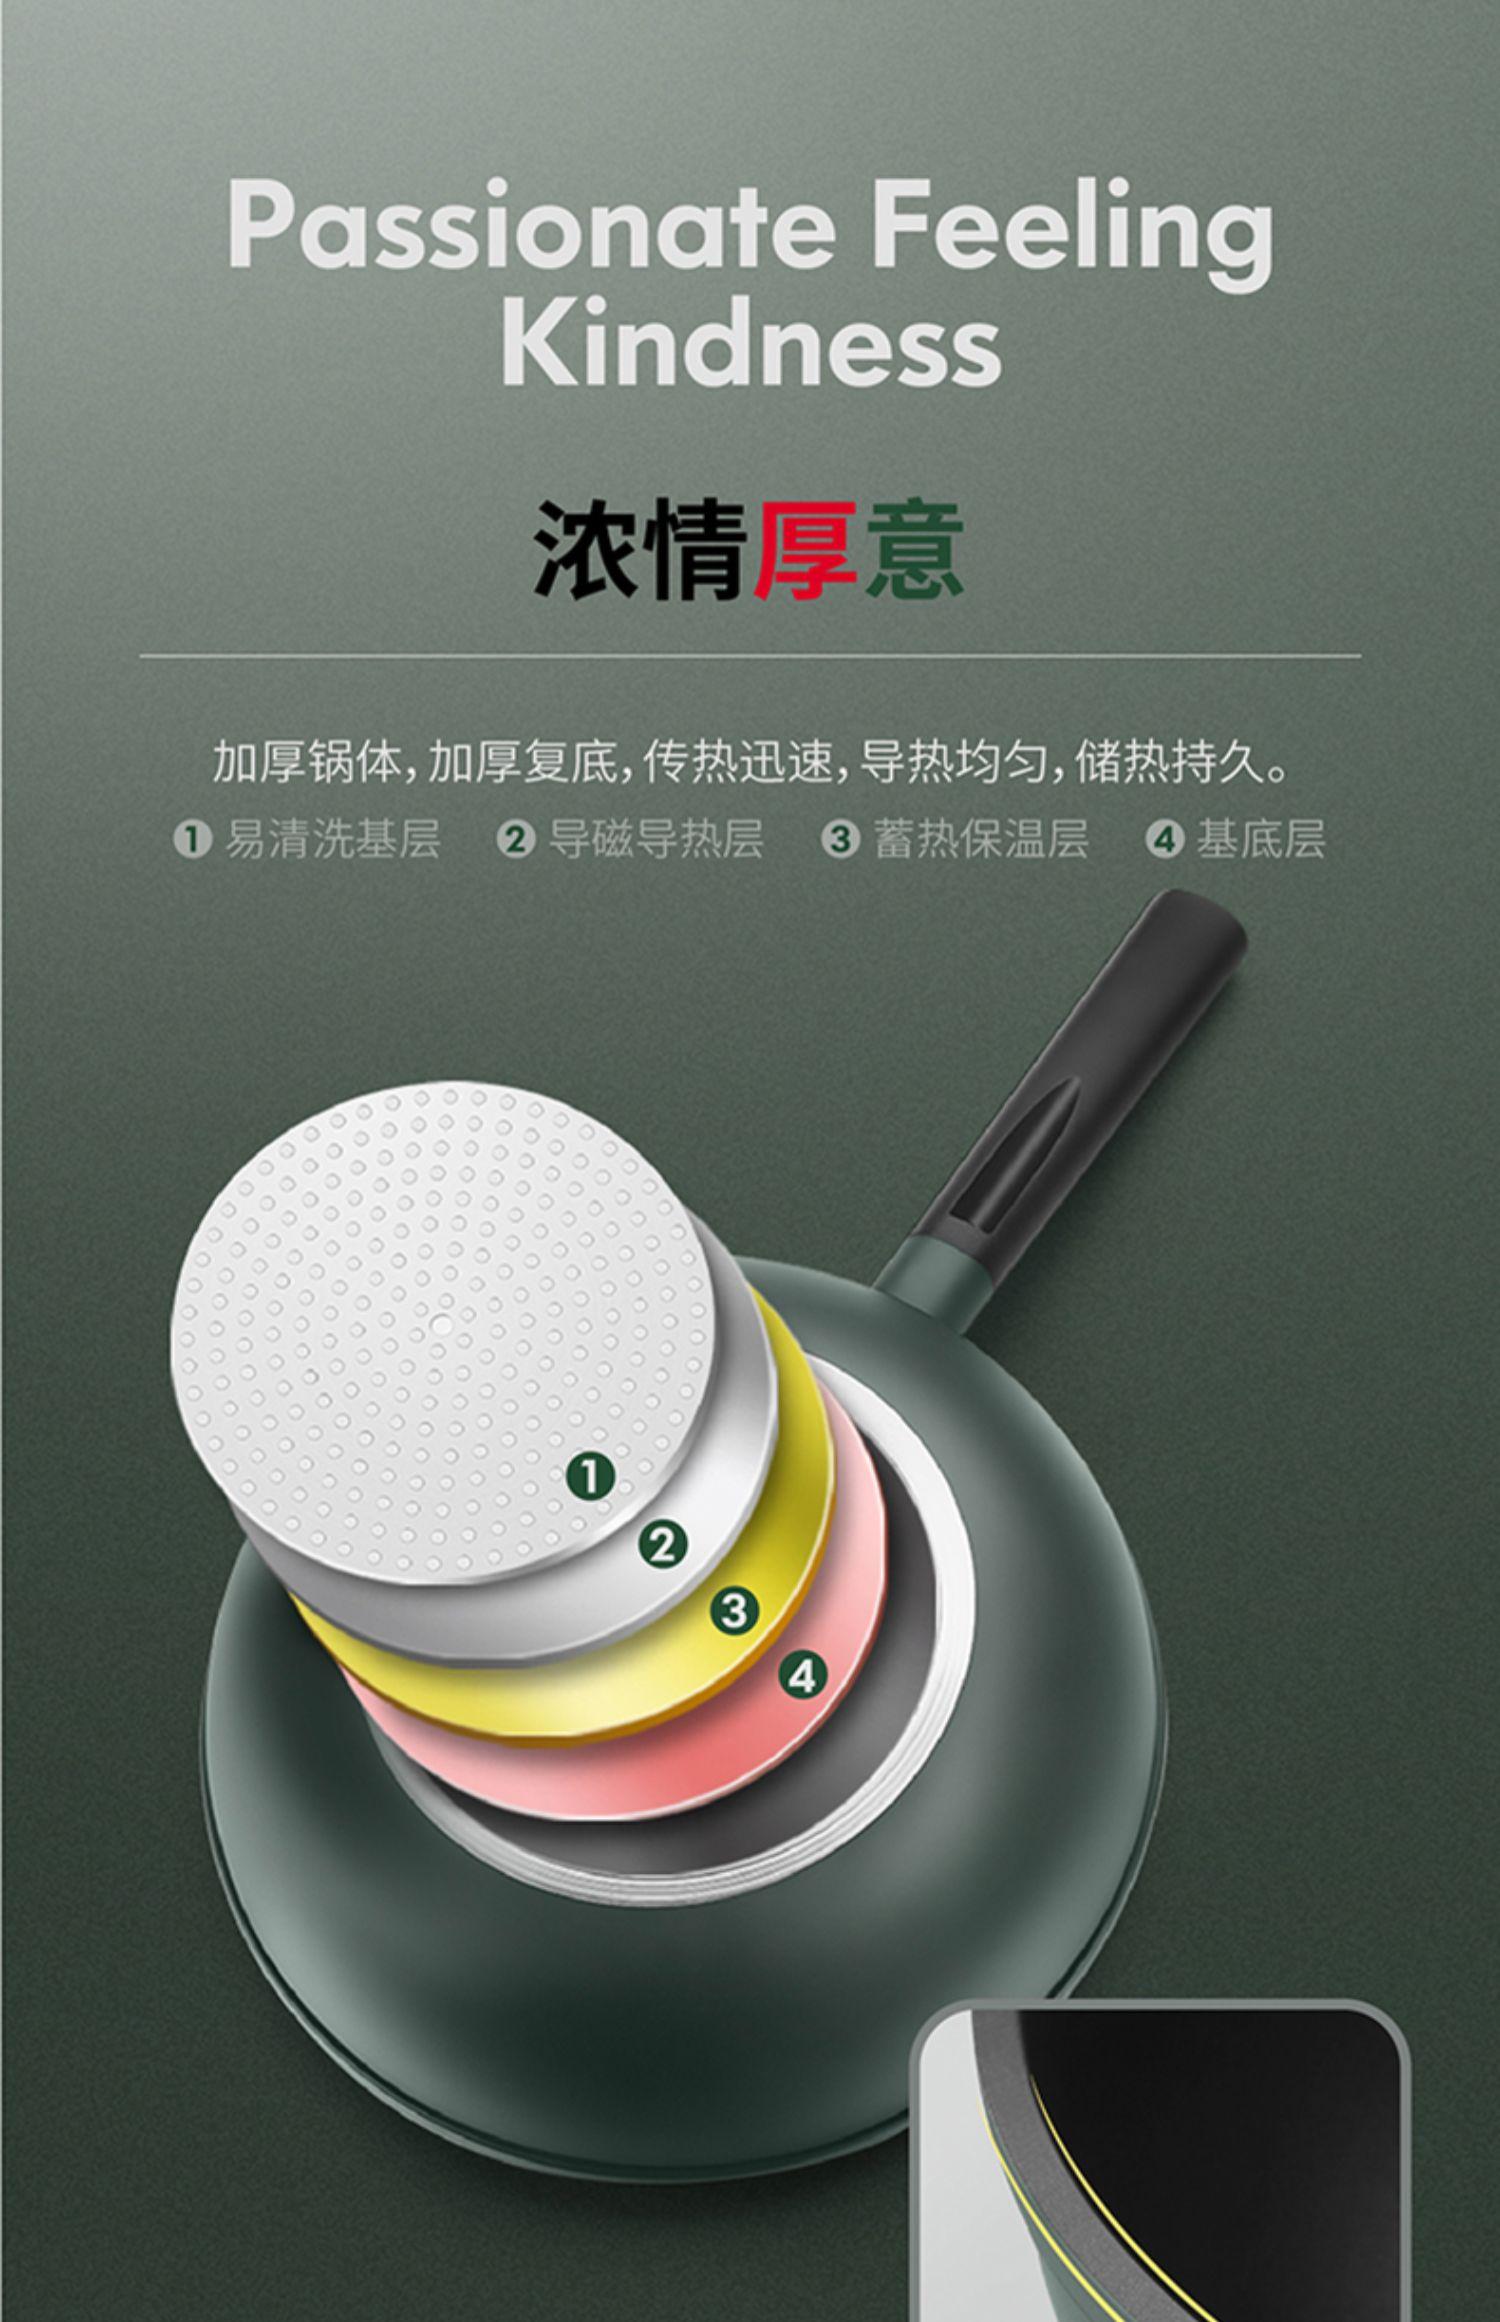 九阳麦饭石家用电磁炉煤气灶平底锅